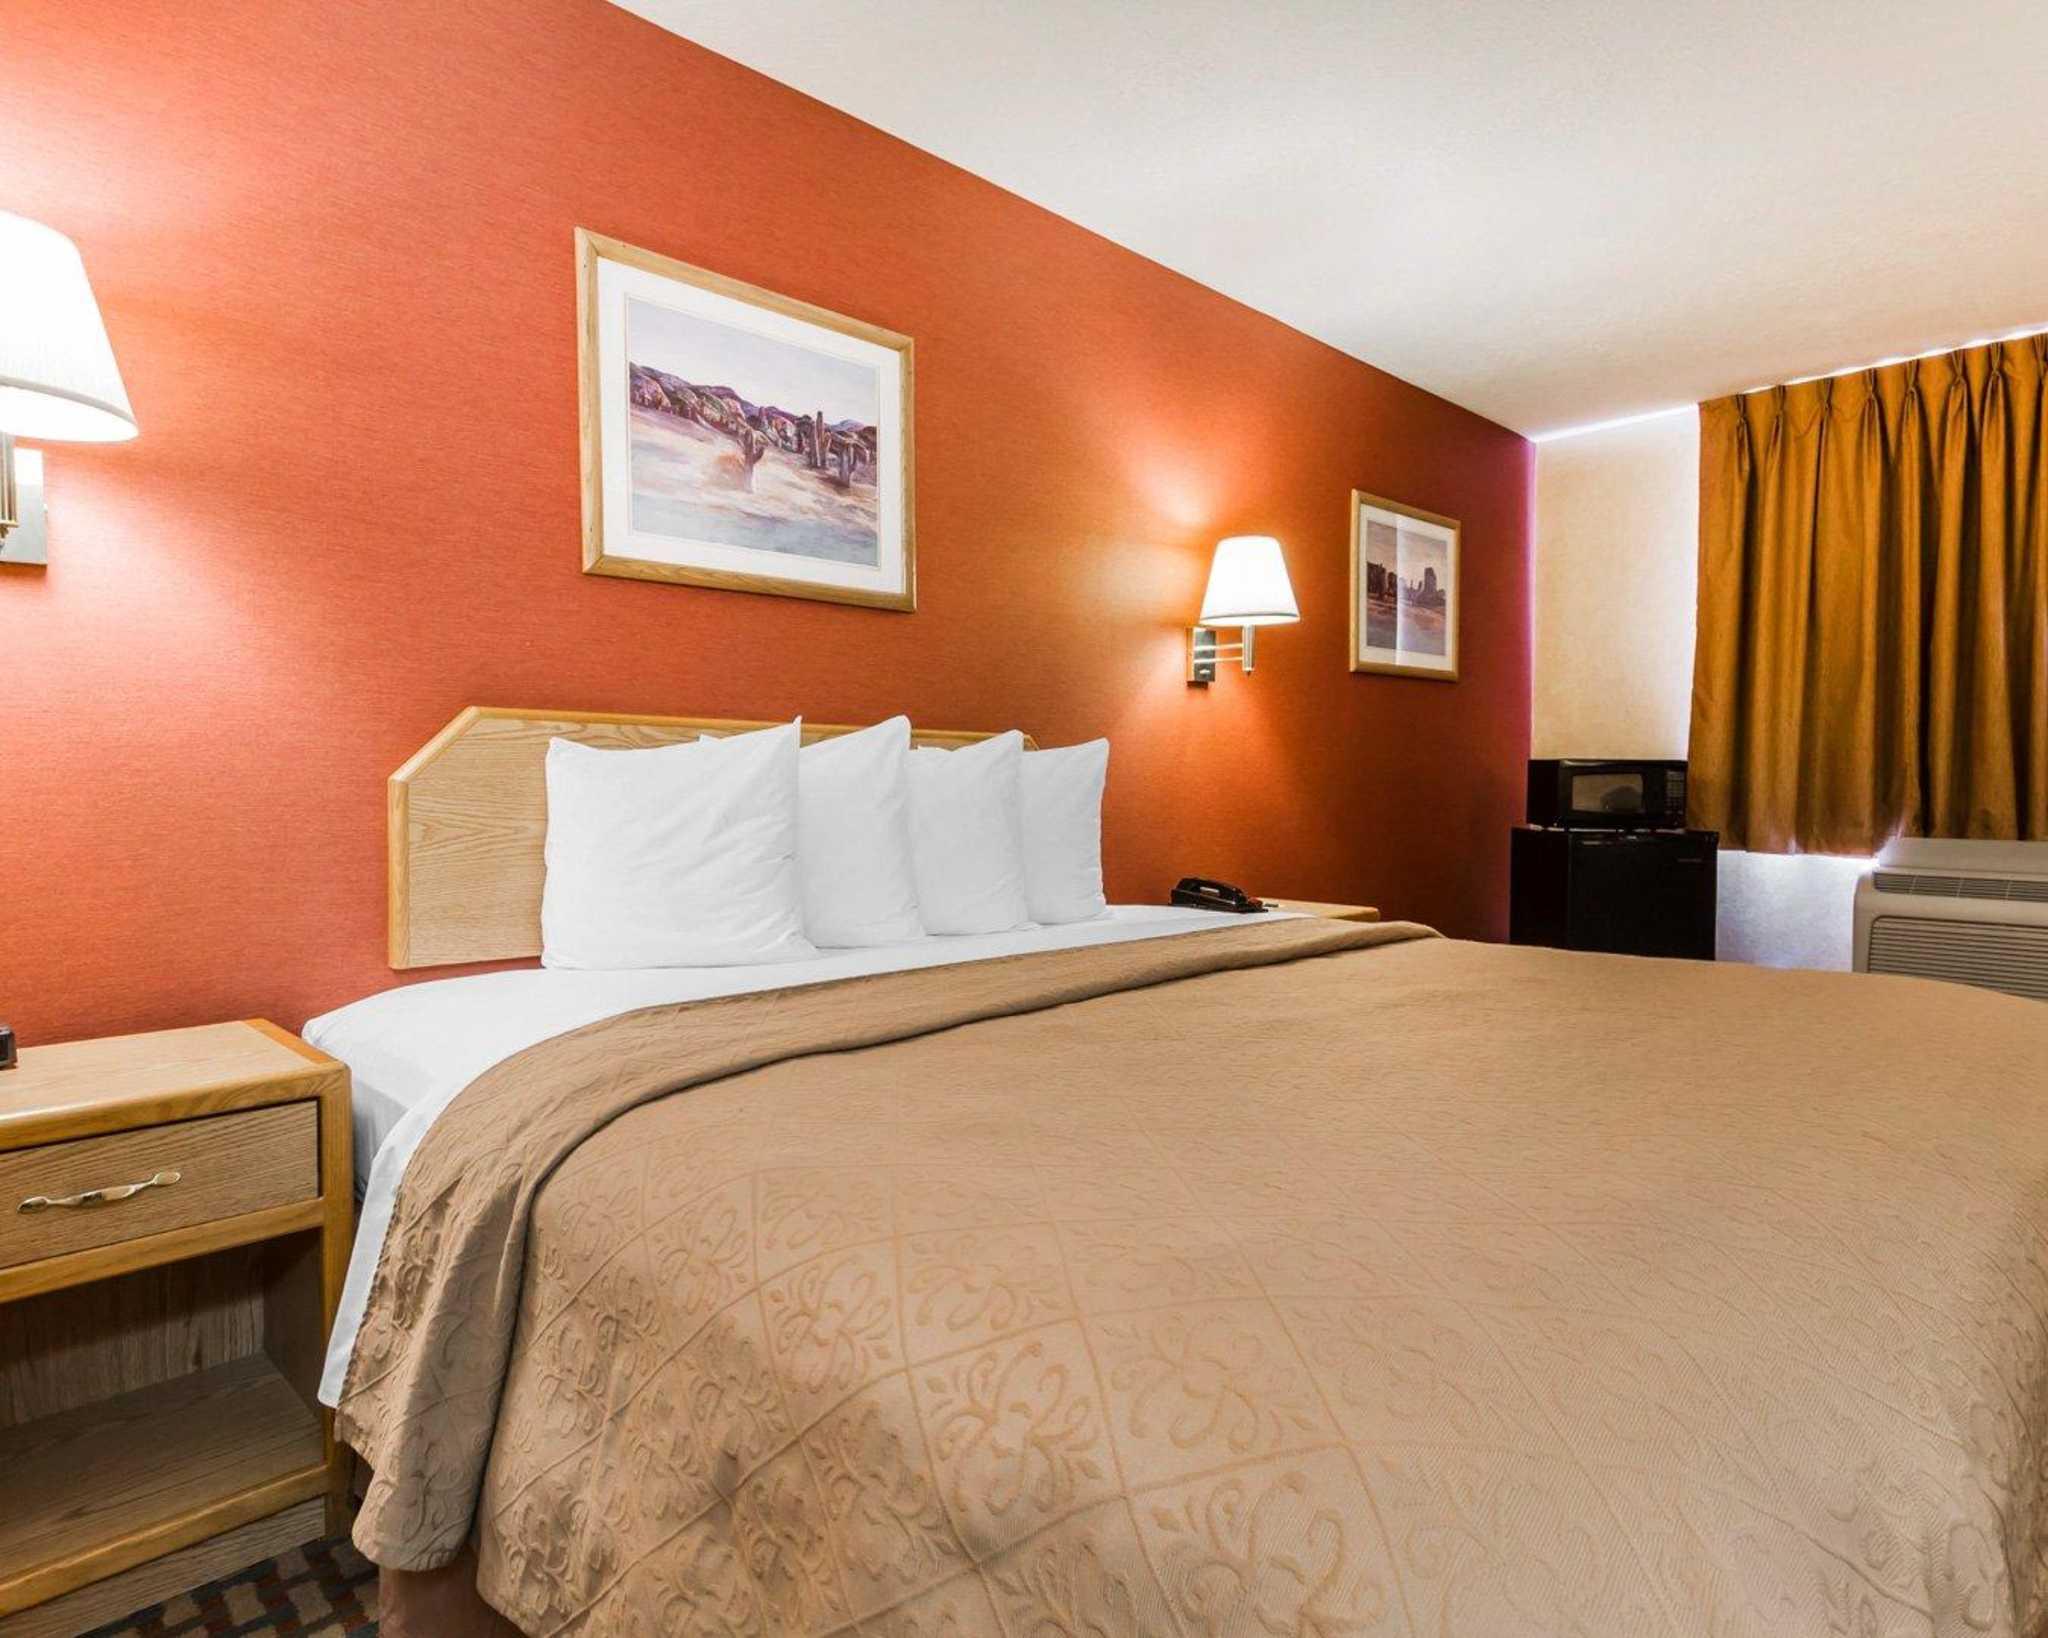 Quality Inn & Suites Surprise Near Sun City West image 13